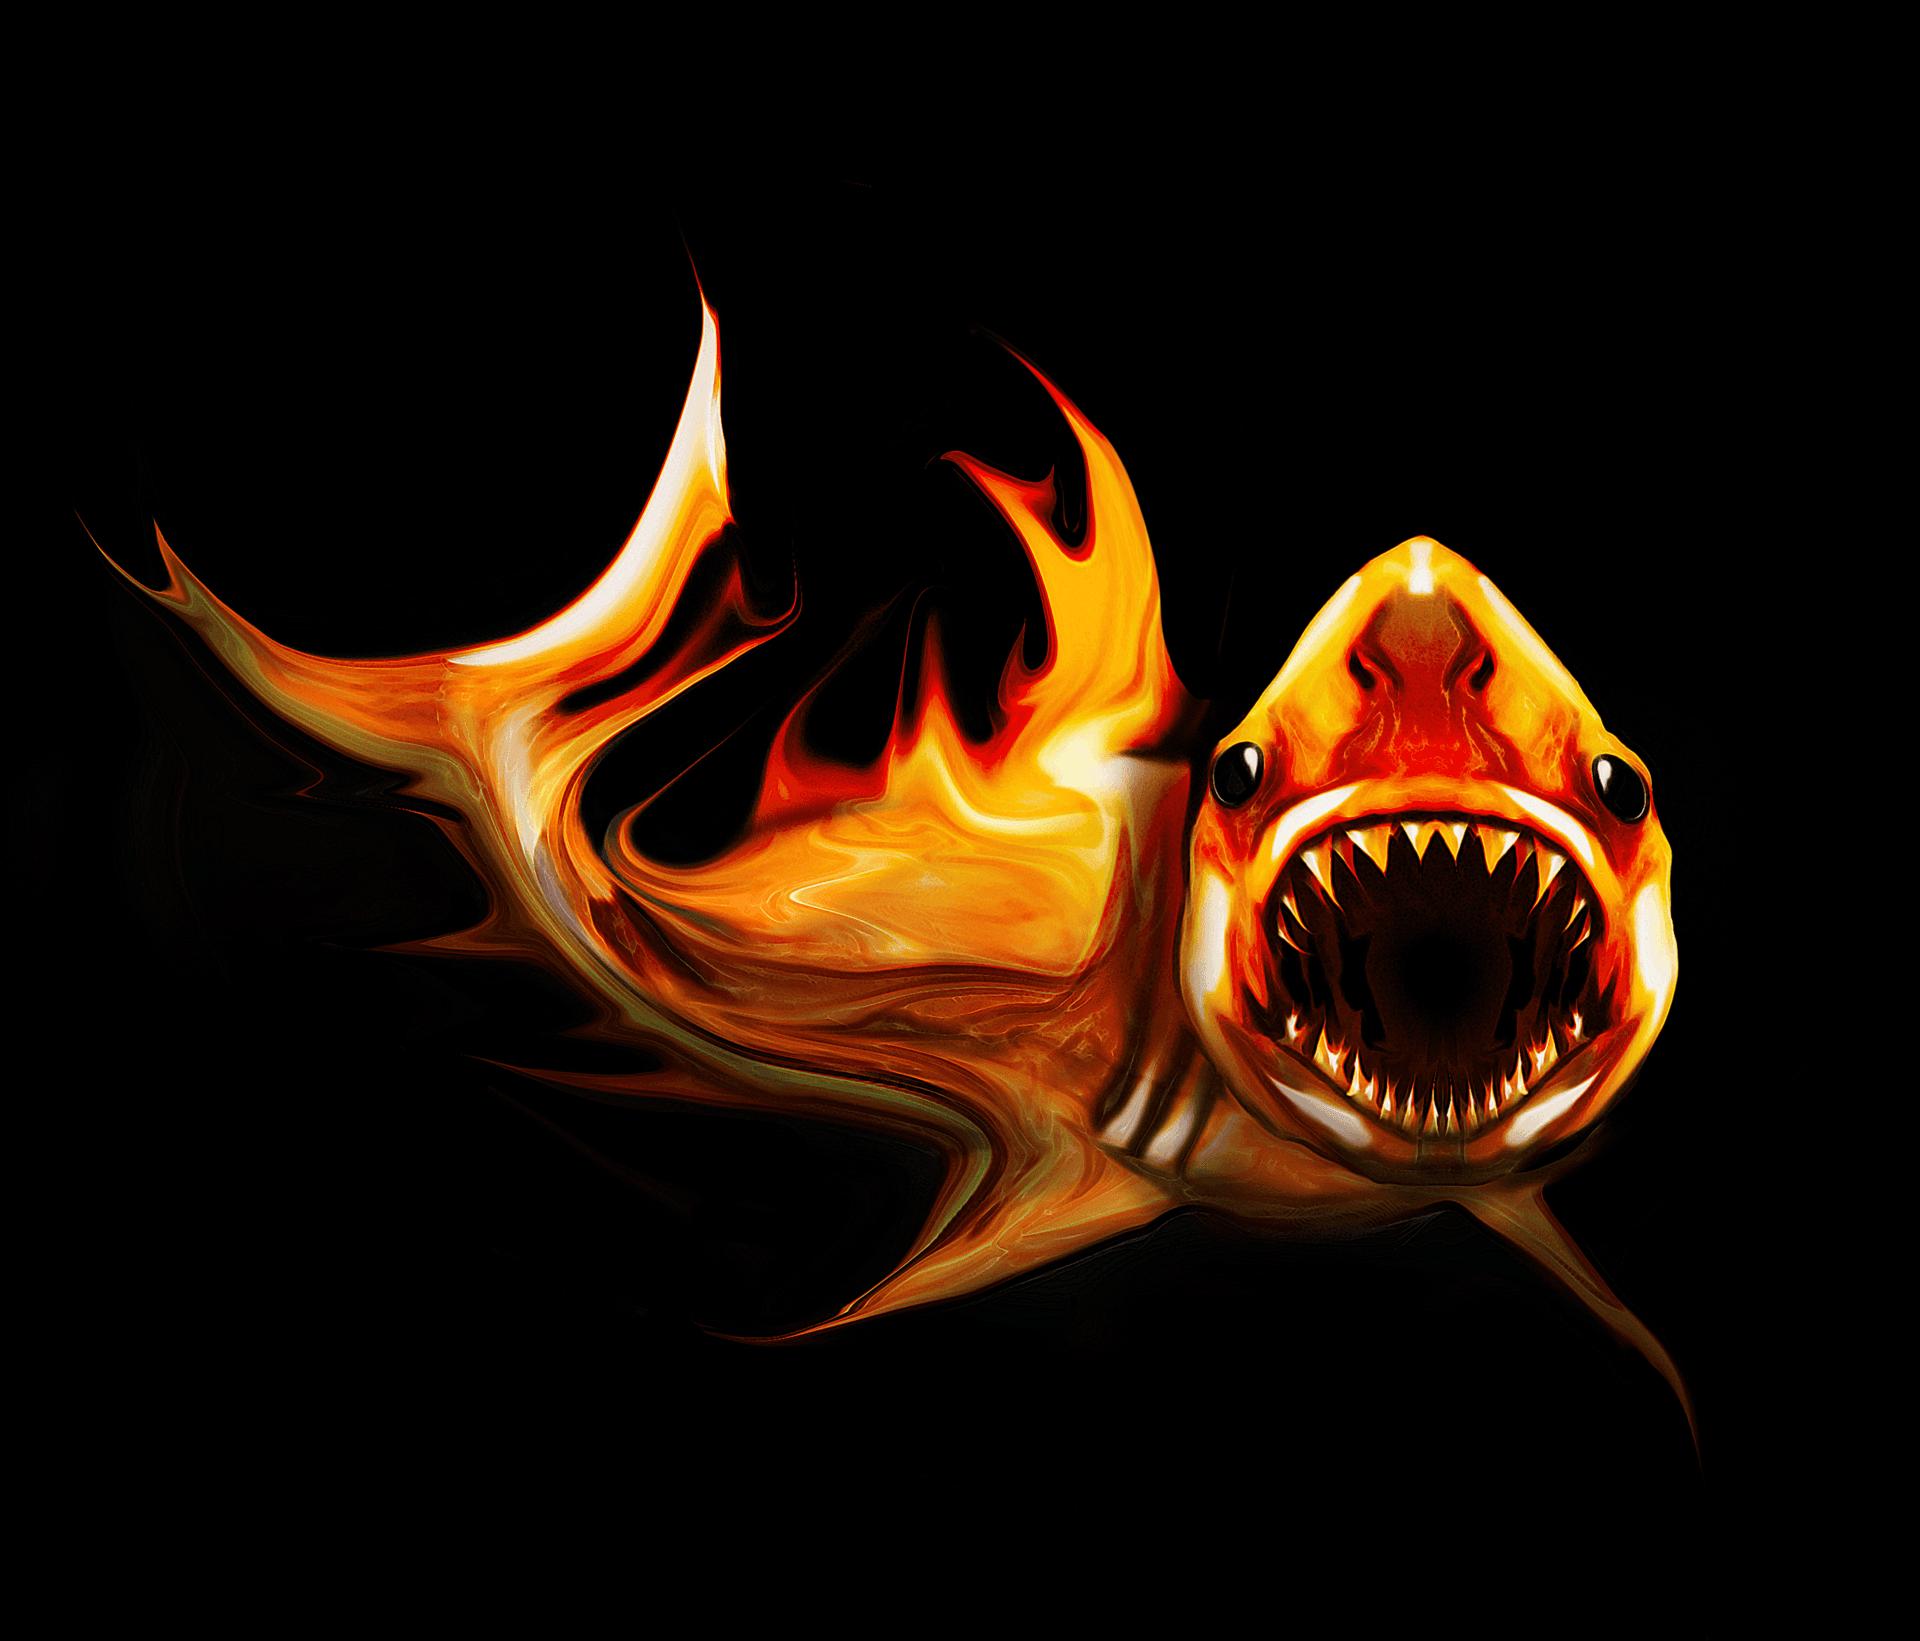 white_shark1_final-0f4a513b